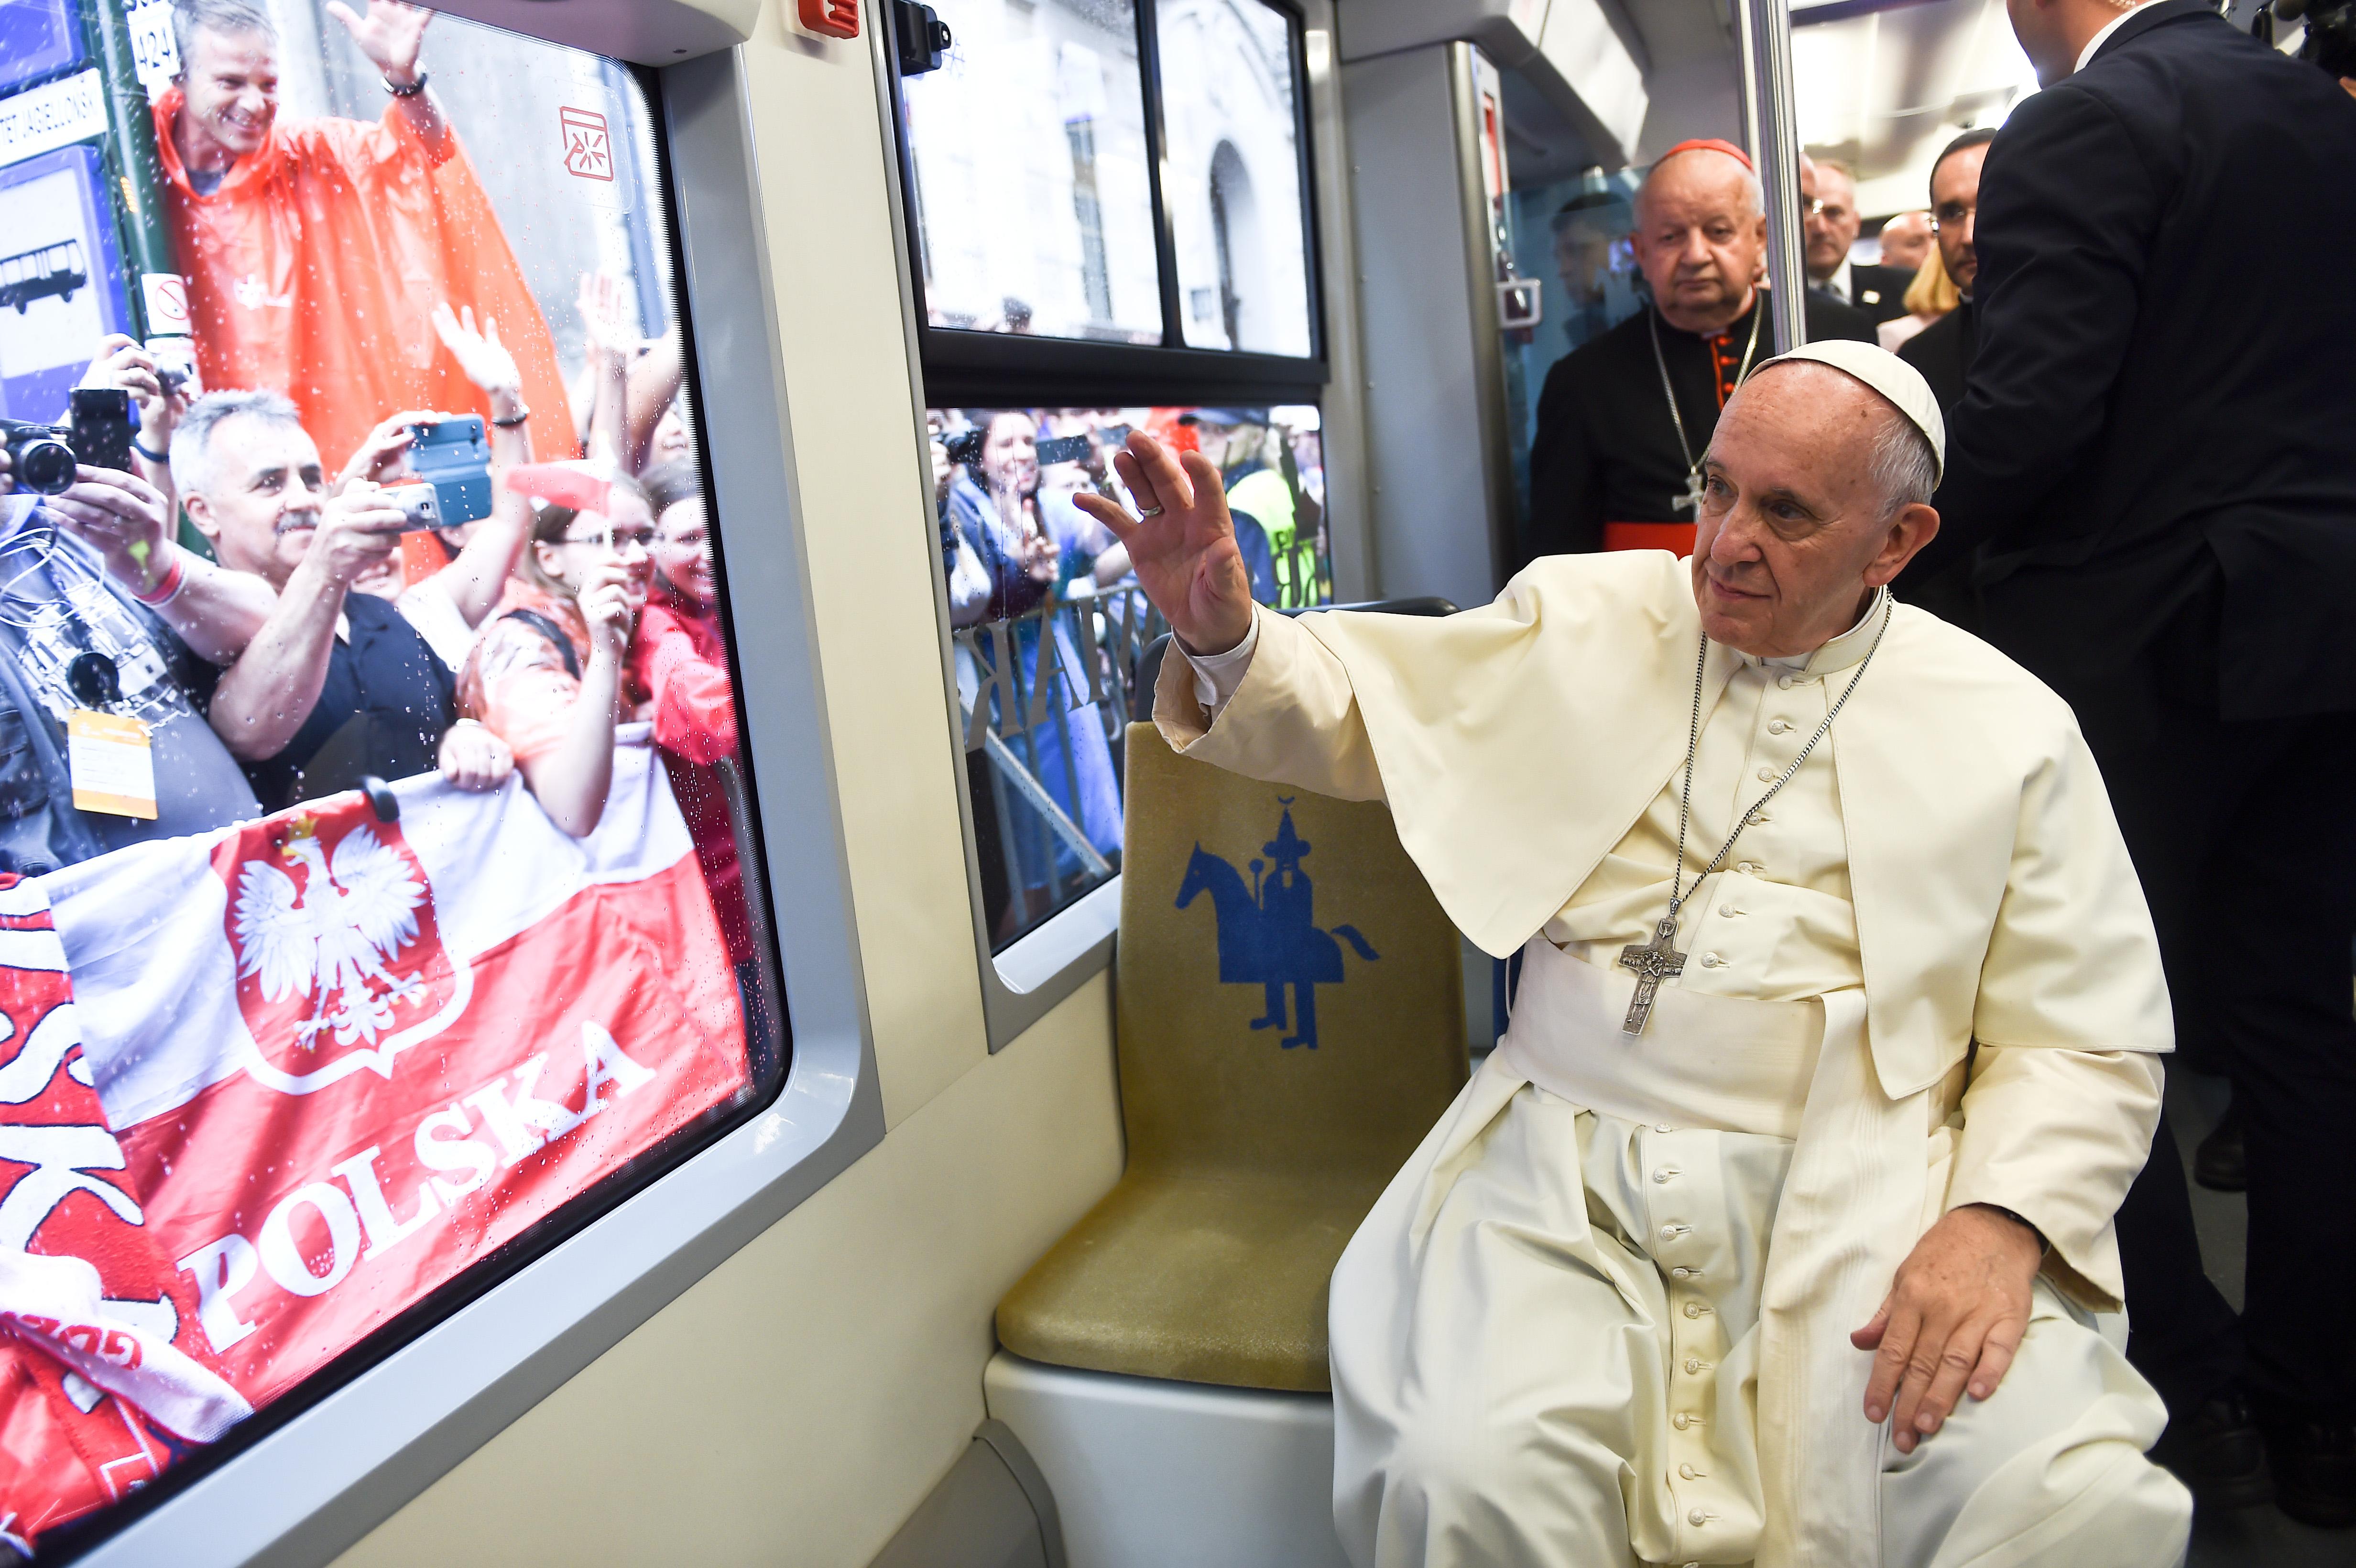 Pope in tram